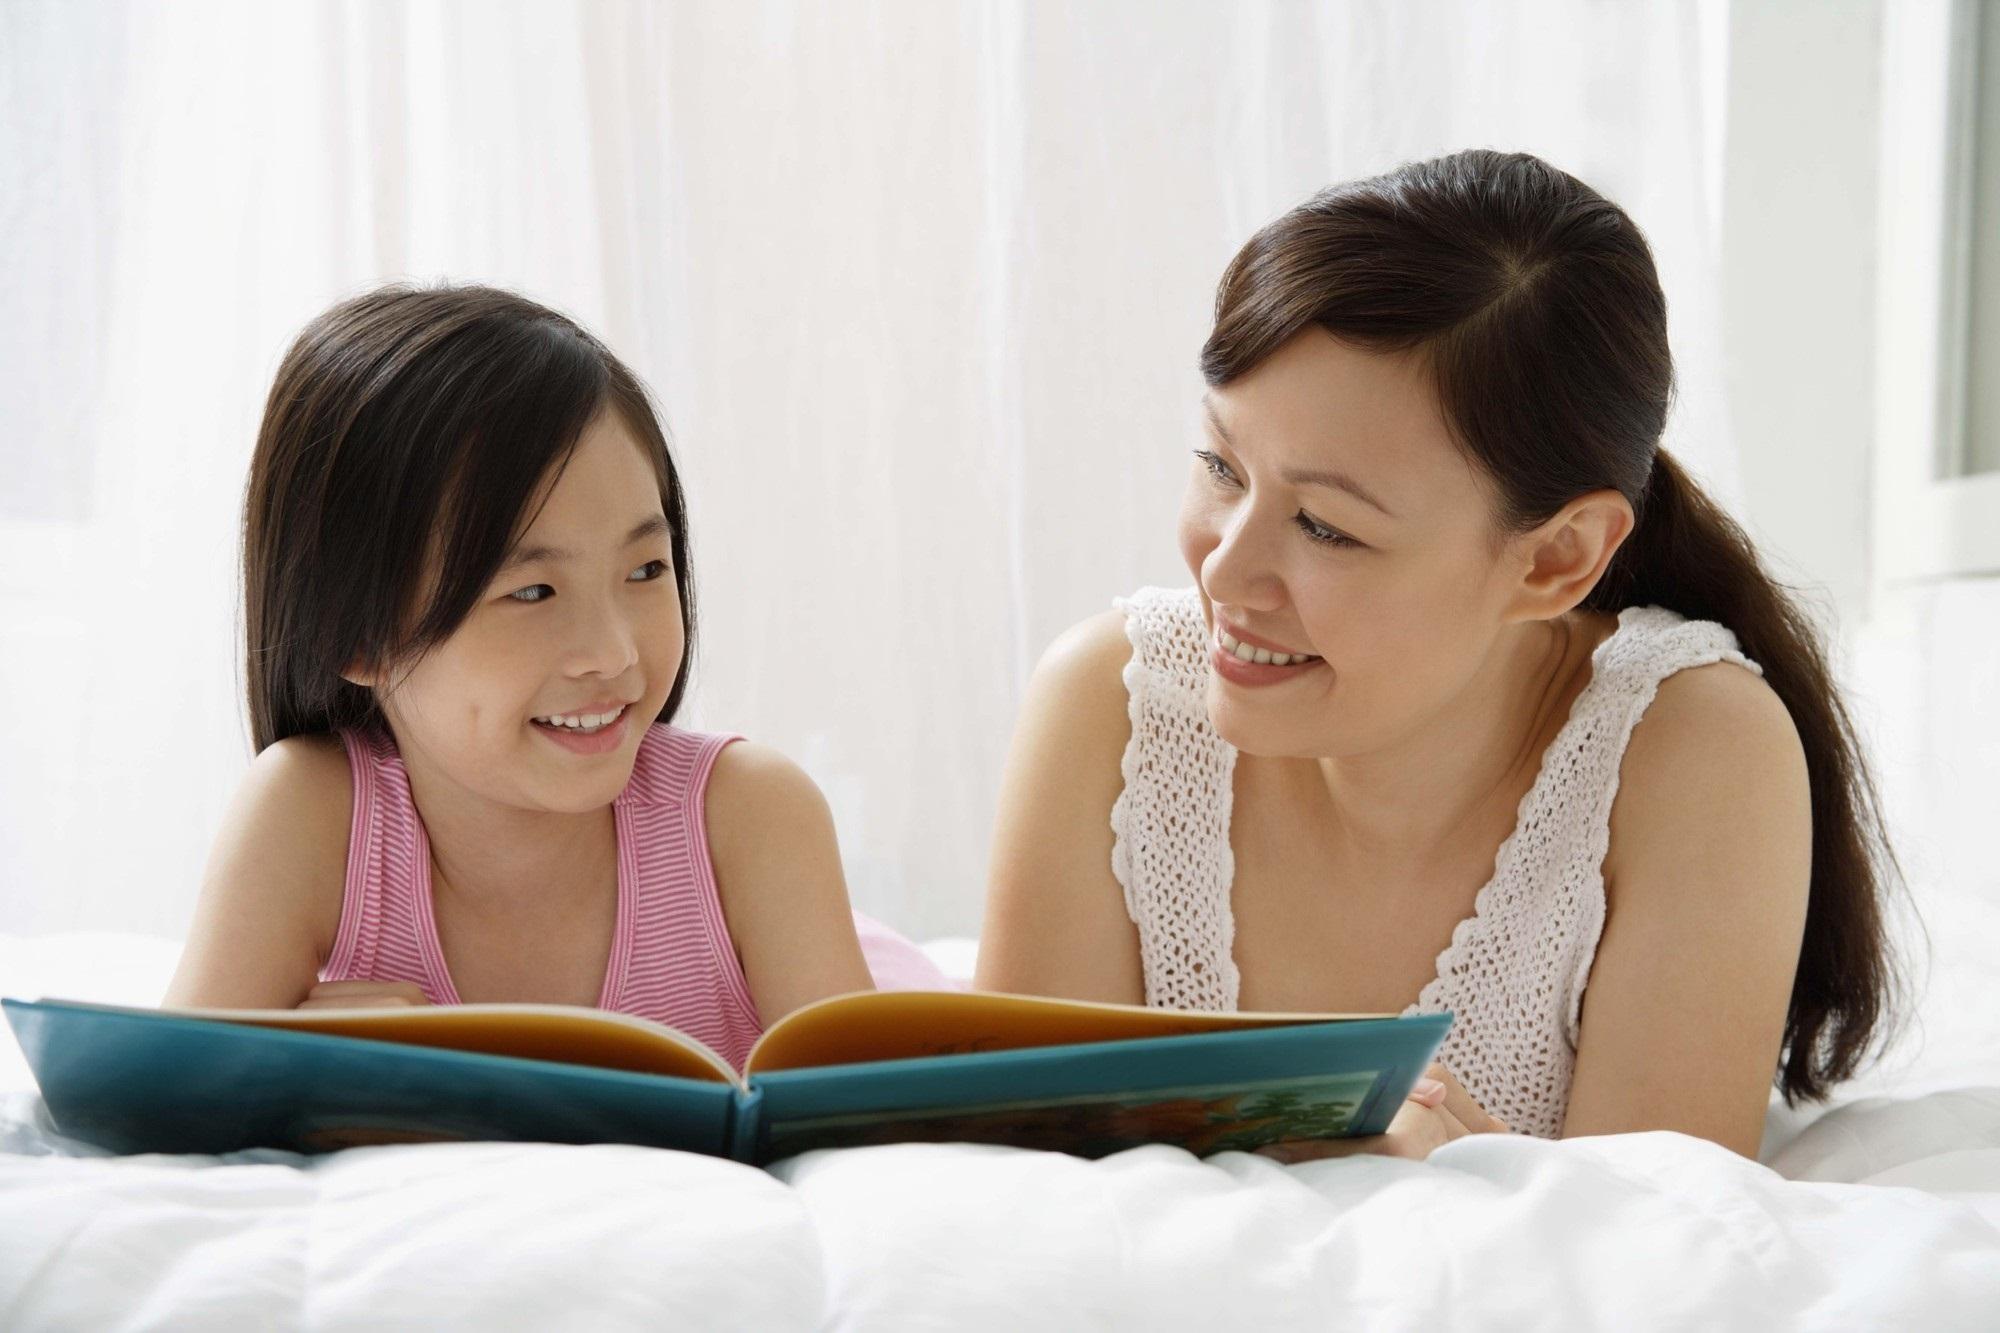 3 'siêu năng lực' để nuôi dạy con thông minh và cư xử đẹp, bố mẹ nào cũng có nhưng không phải ai cũng biết - Ảnh 2